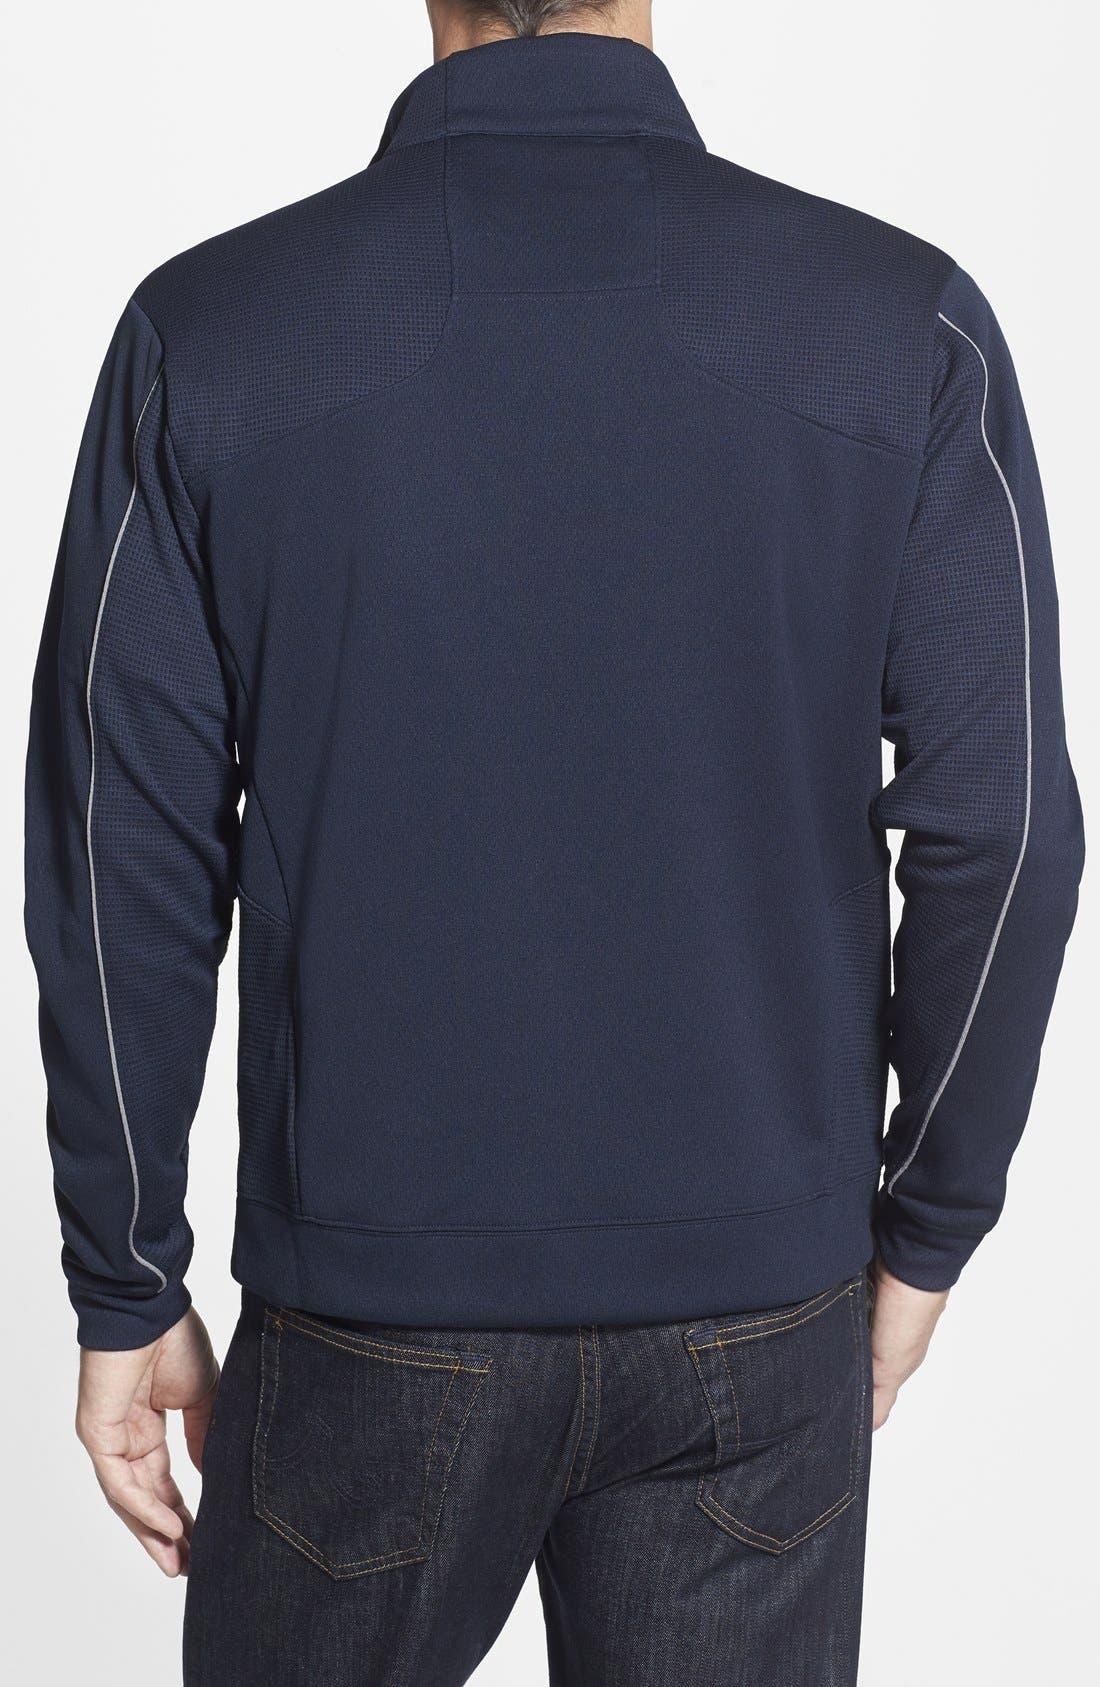 Denver Broncos - Edge DryTec Moisture Wicking Half Zip Pullover,                             Alternate thumbnail 2, color,                             Navy Blue